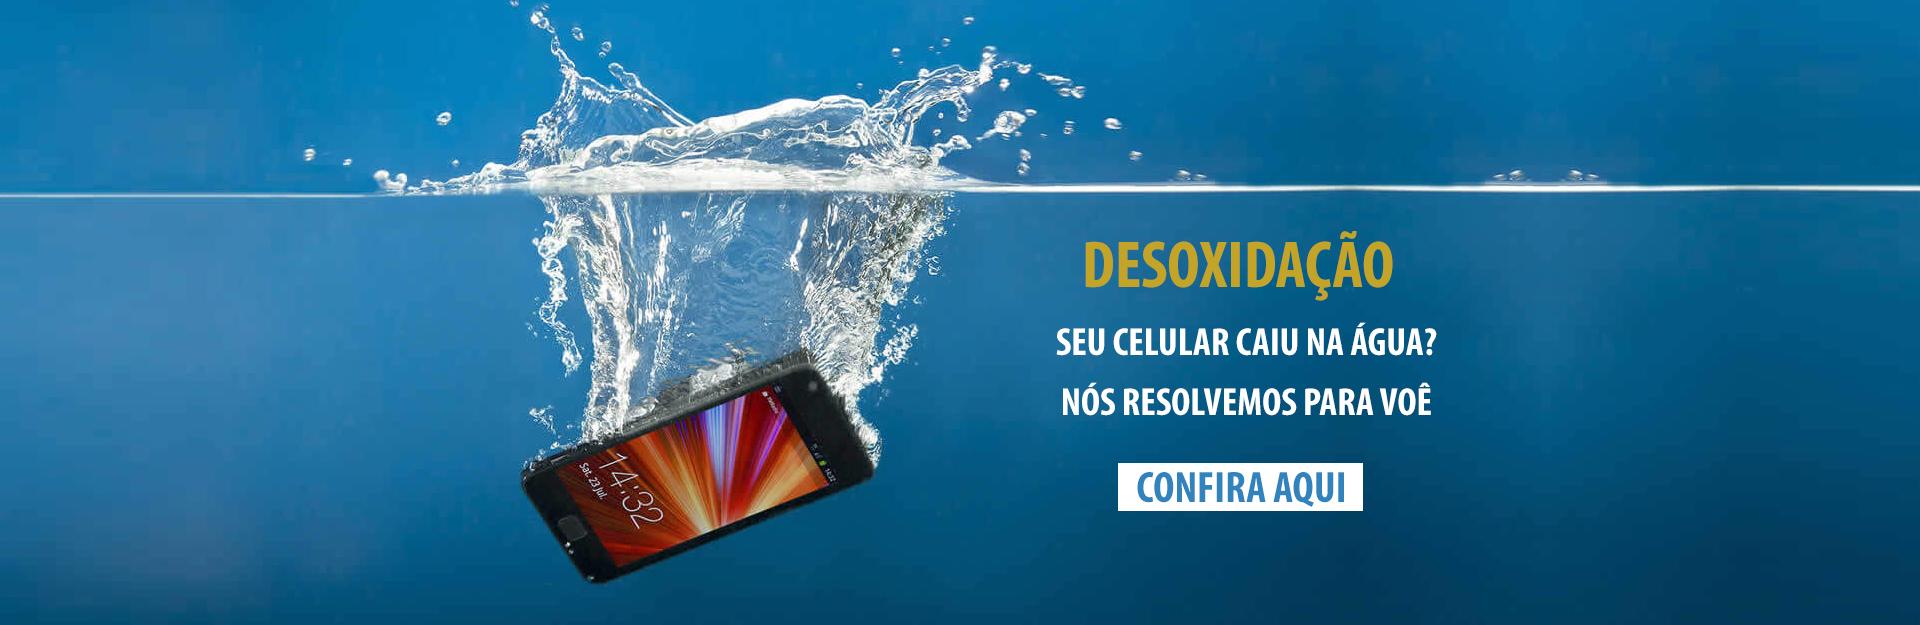 desoxidação-de-celulares